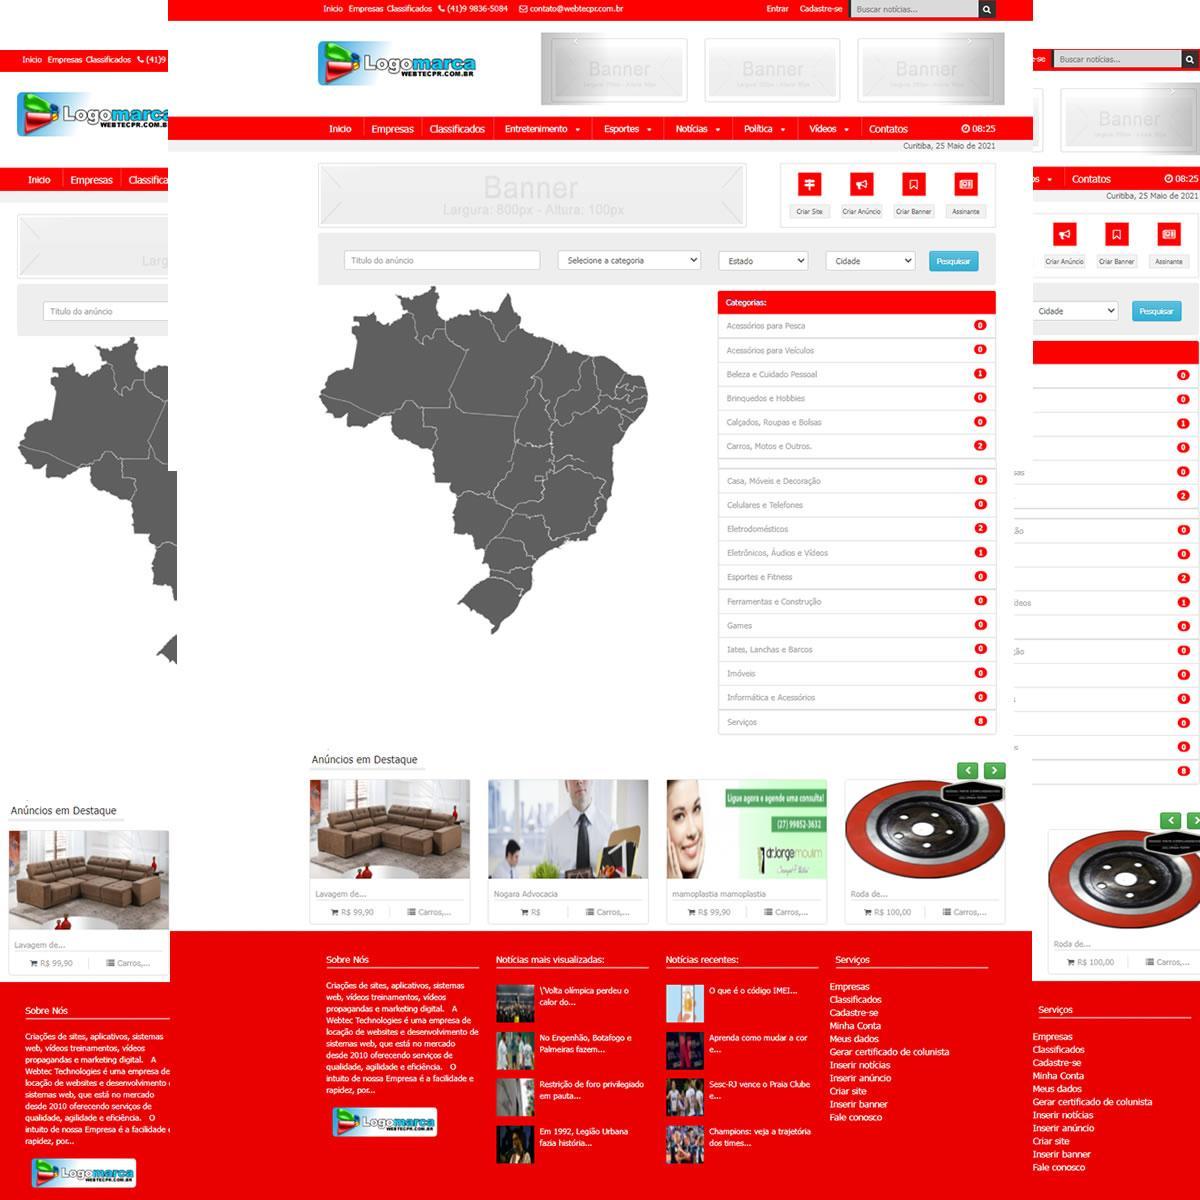 Criador de Sites - Classificados - Assinatura de Notícias